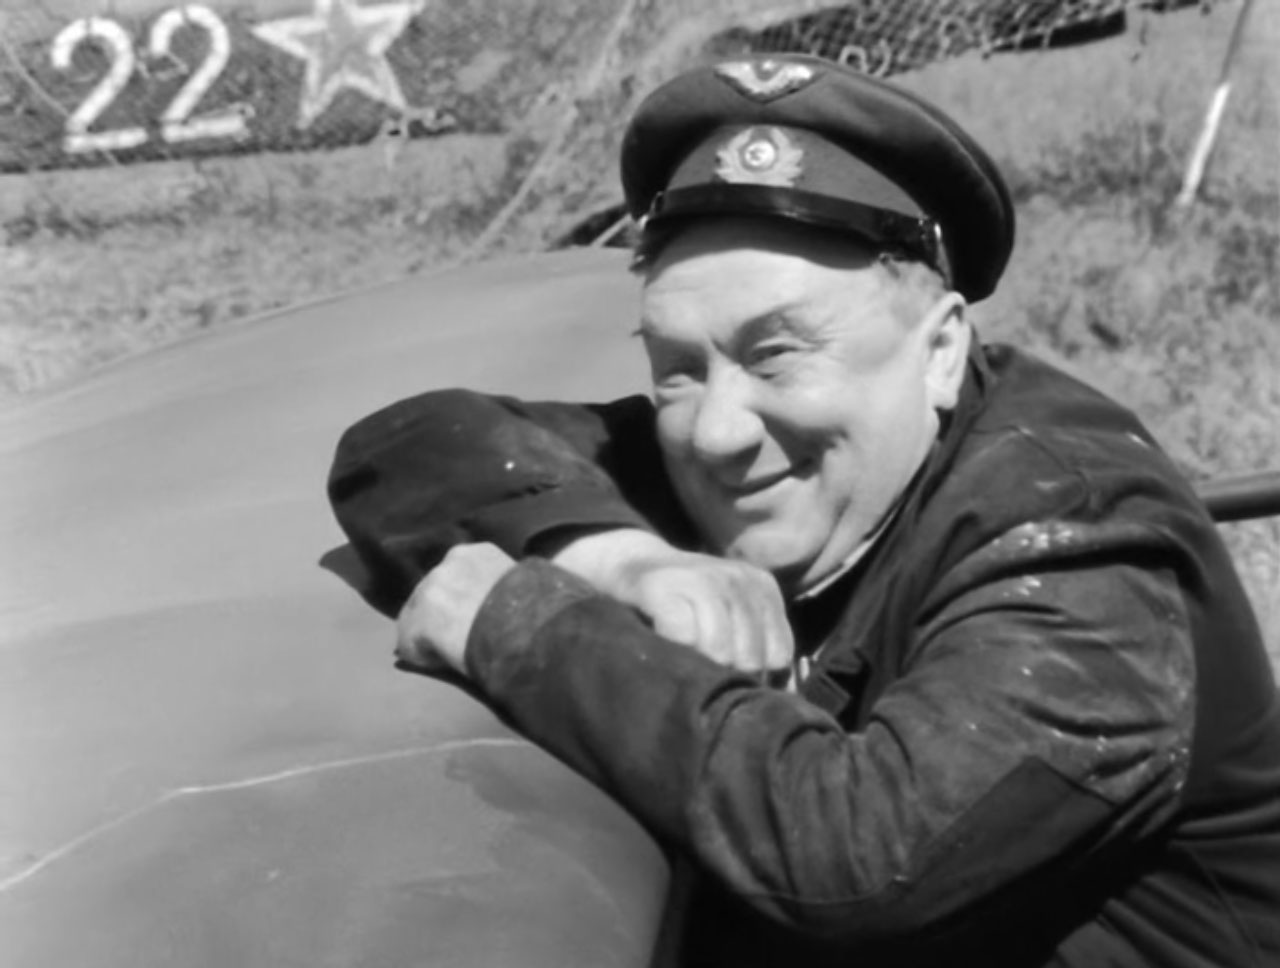 Алексей Смирнов: фронтовые заслуги и мирное творчество